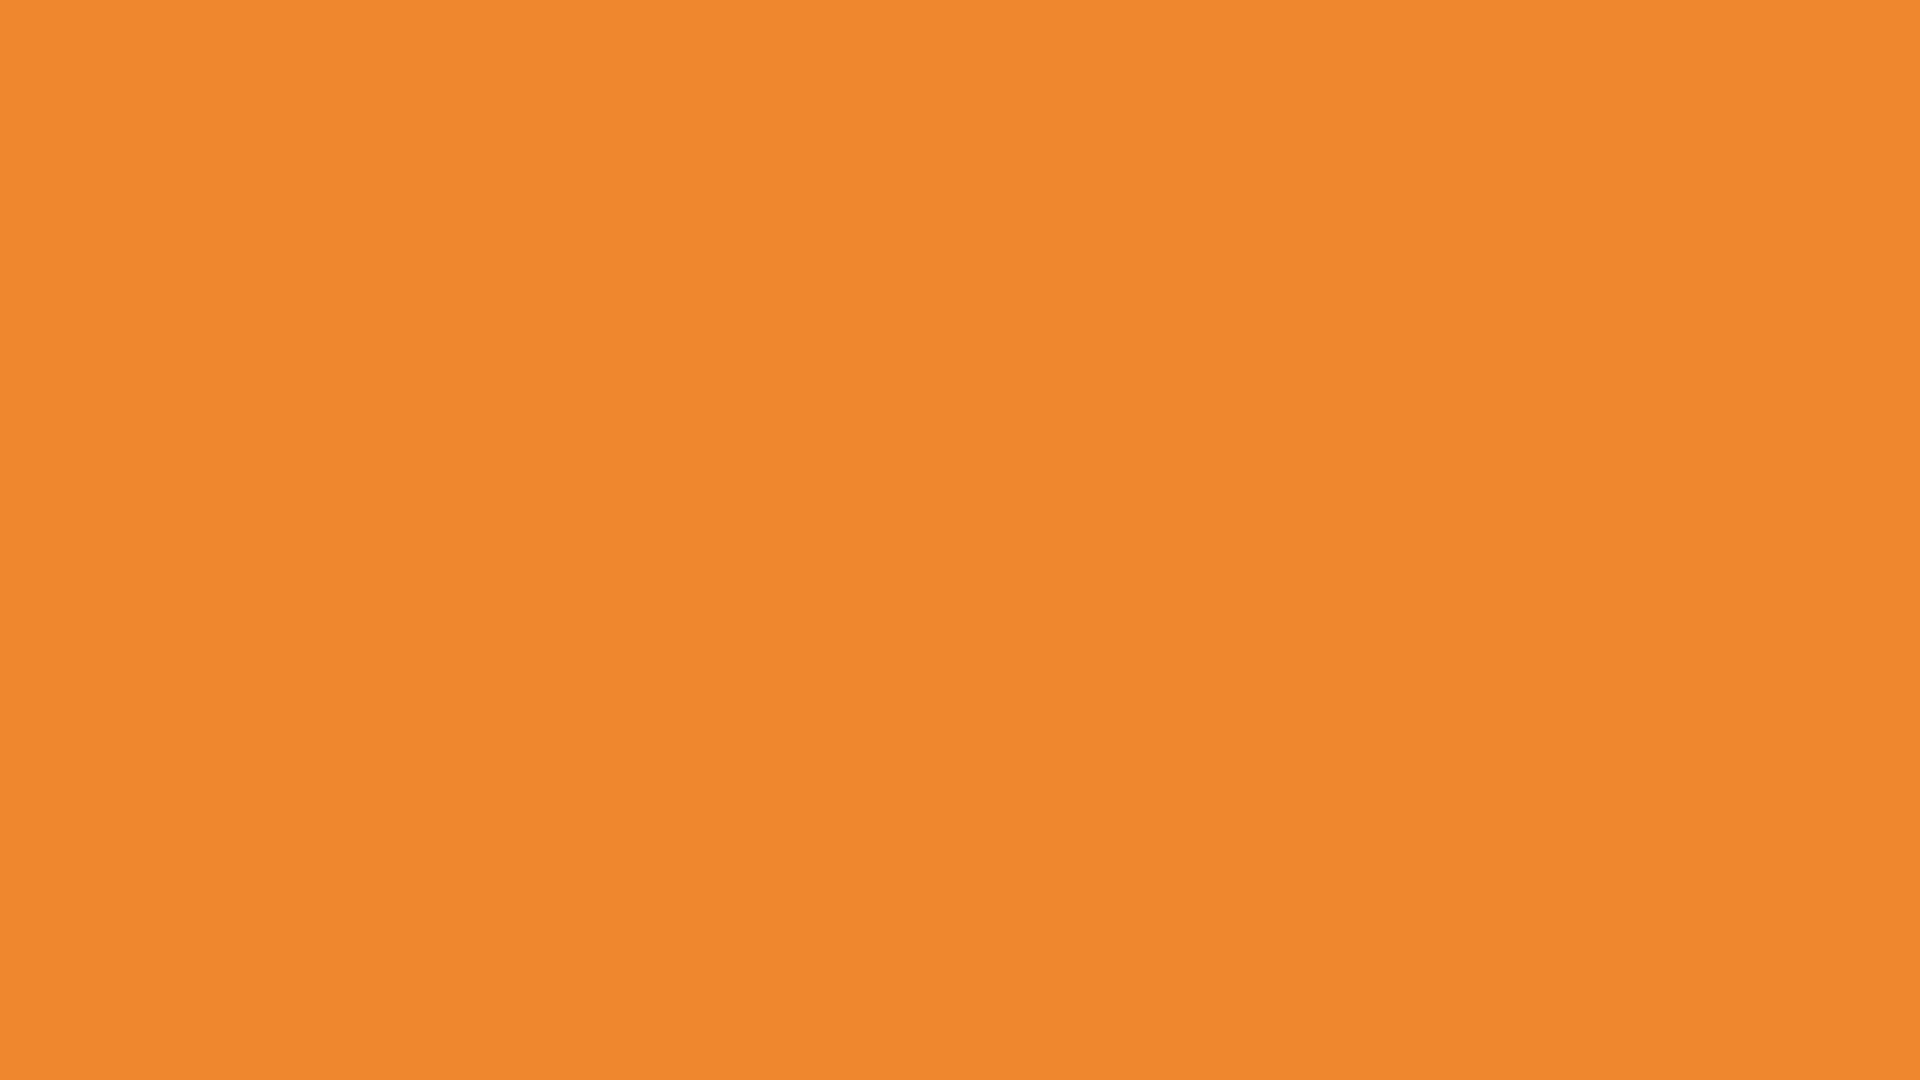 1920x1080 Cadmium Orange Solid Color Background